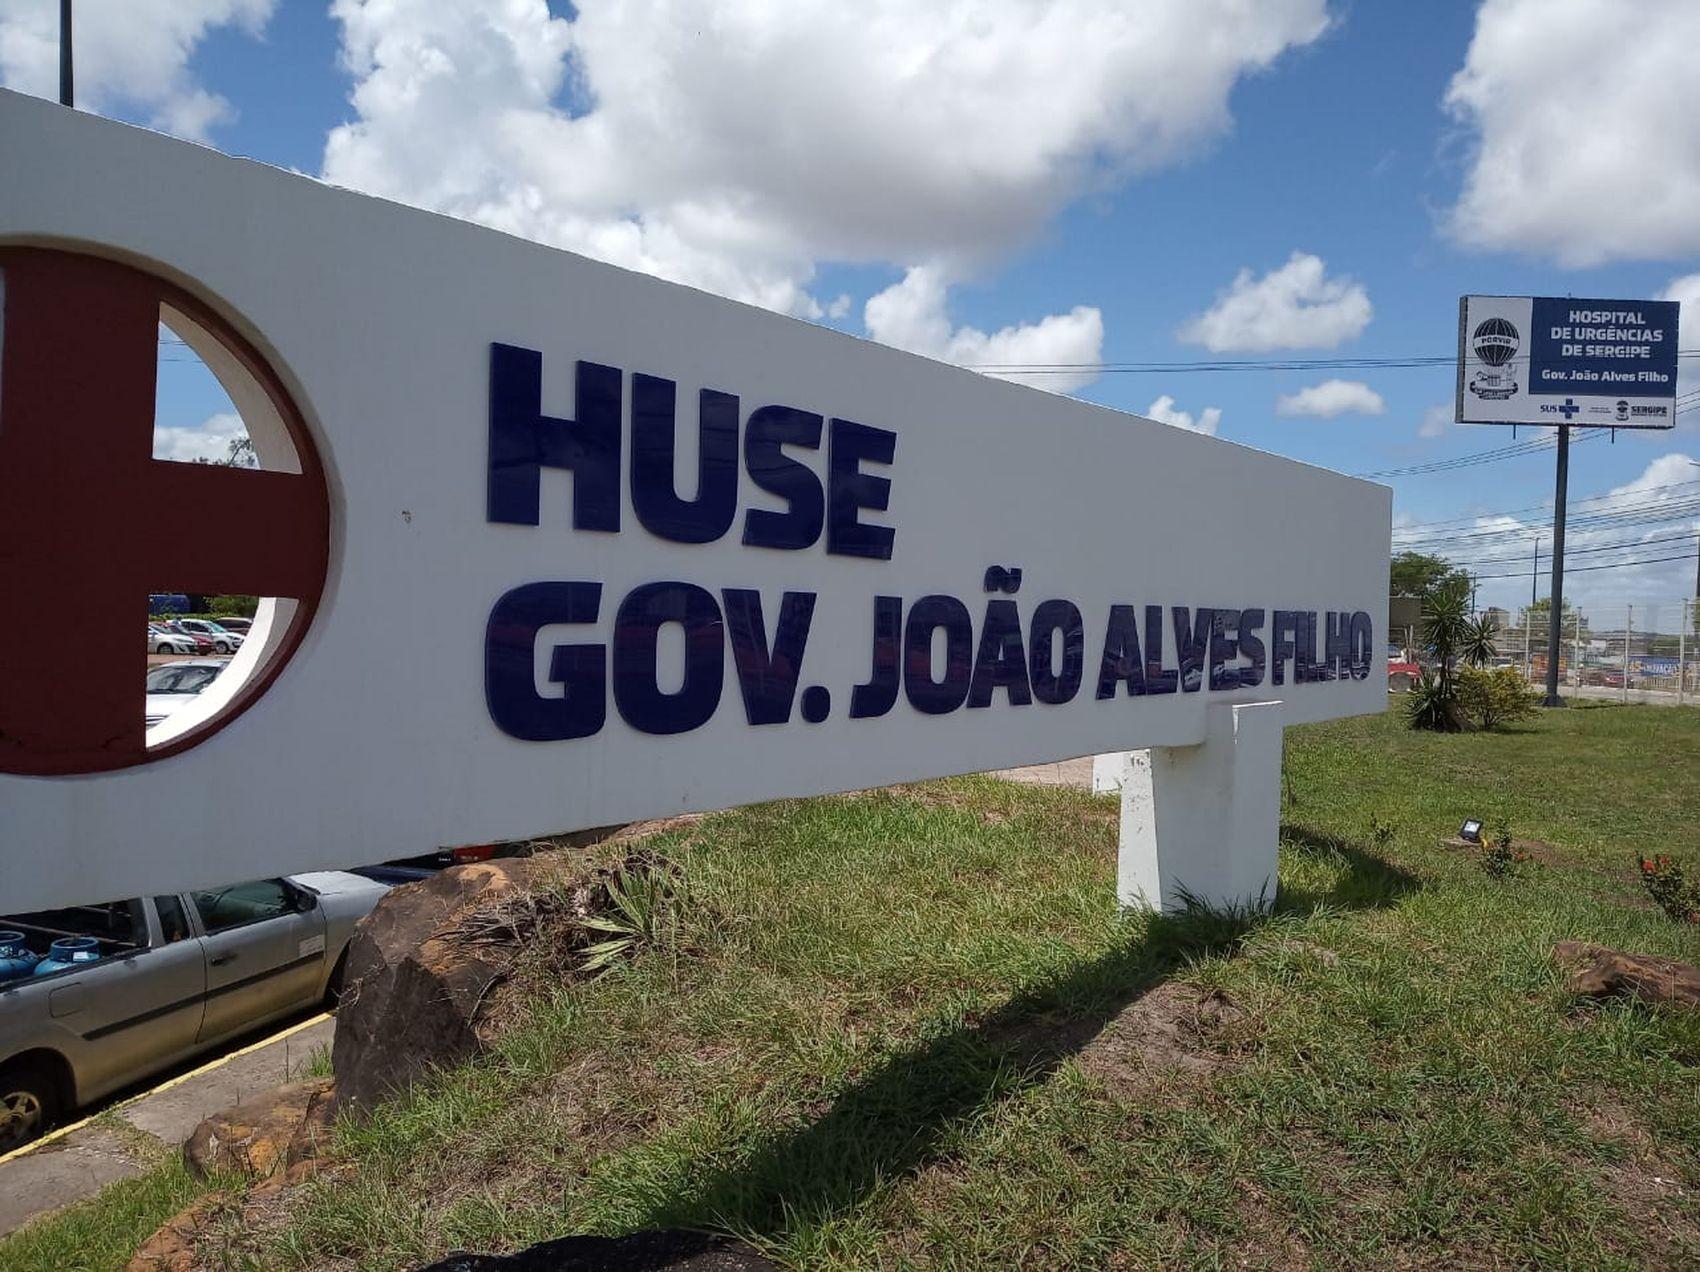 Justiça determina prazo de 30 dias para que estado corrija irregularidades em ala pediátrica do Huse